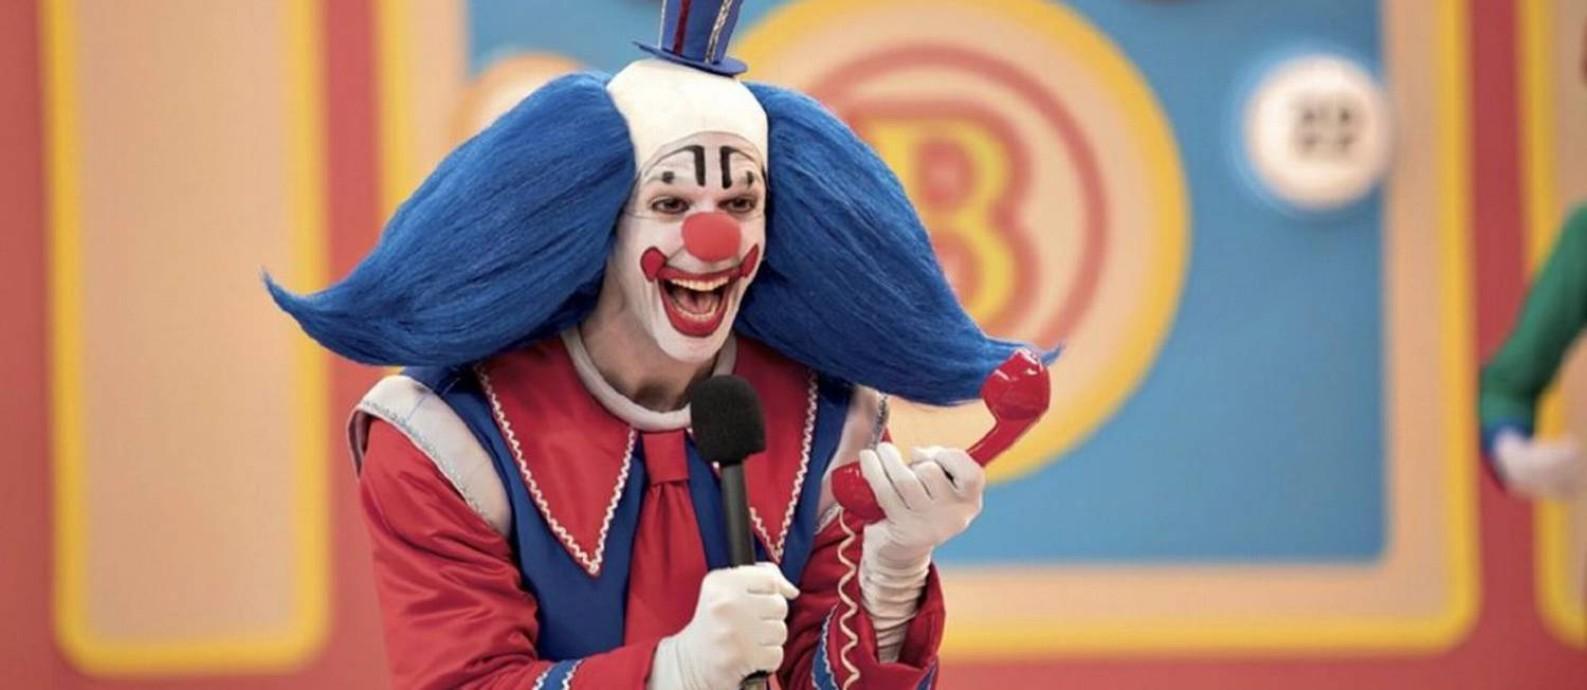 Vladimir Brichta em 'Bingo - O rei das manhãs' Foto: Divulgação